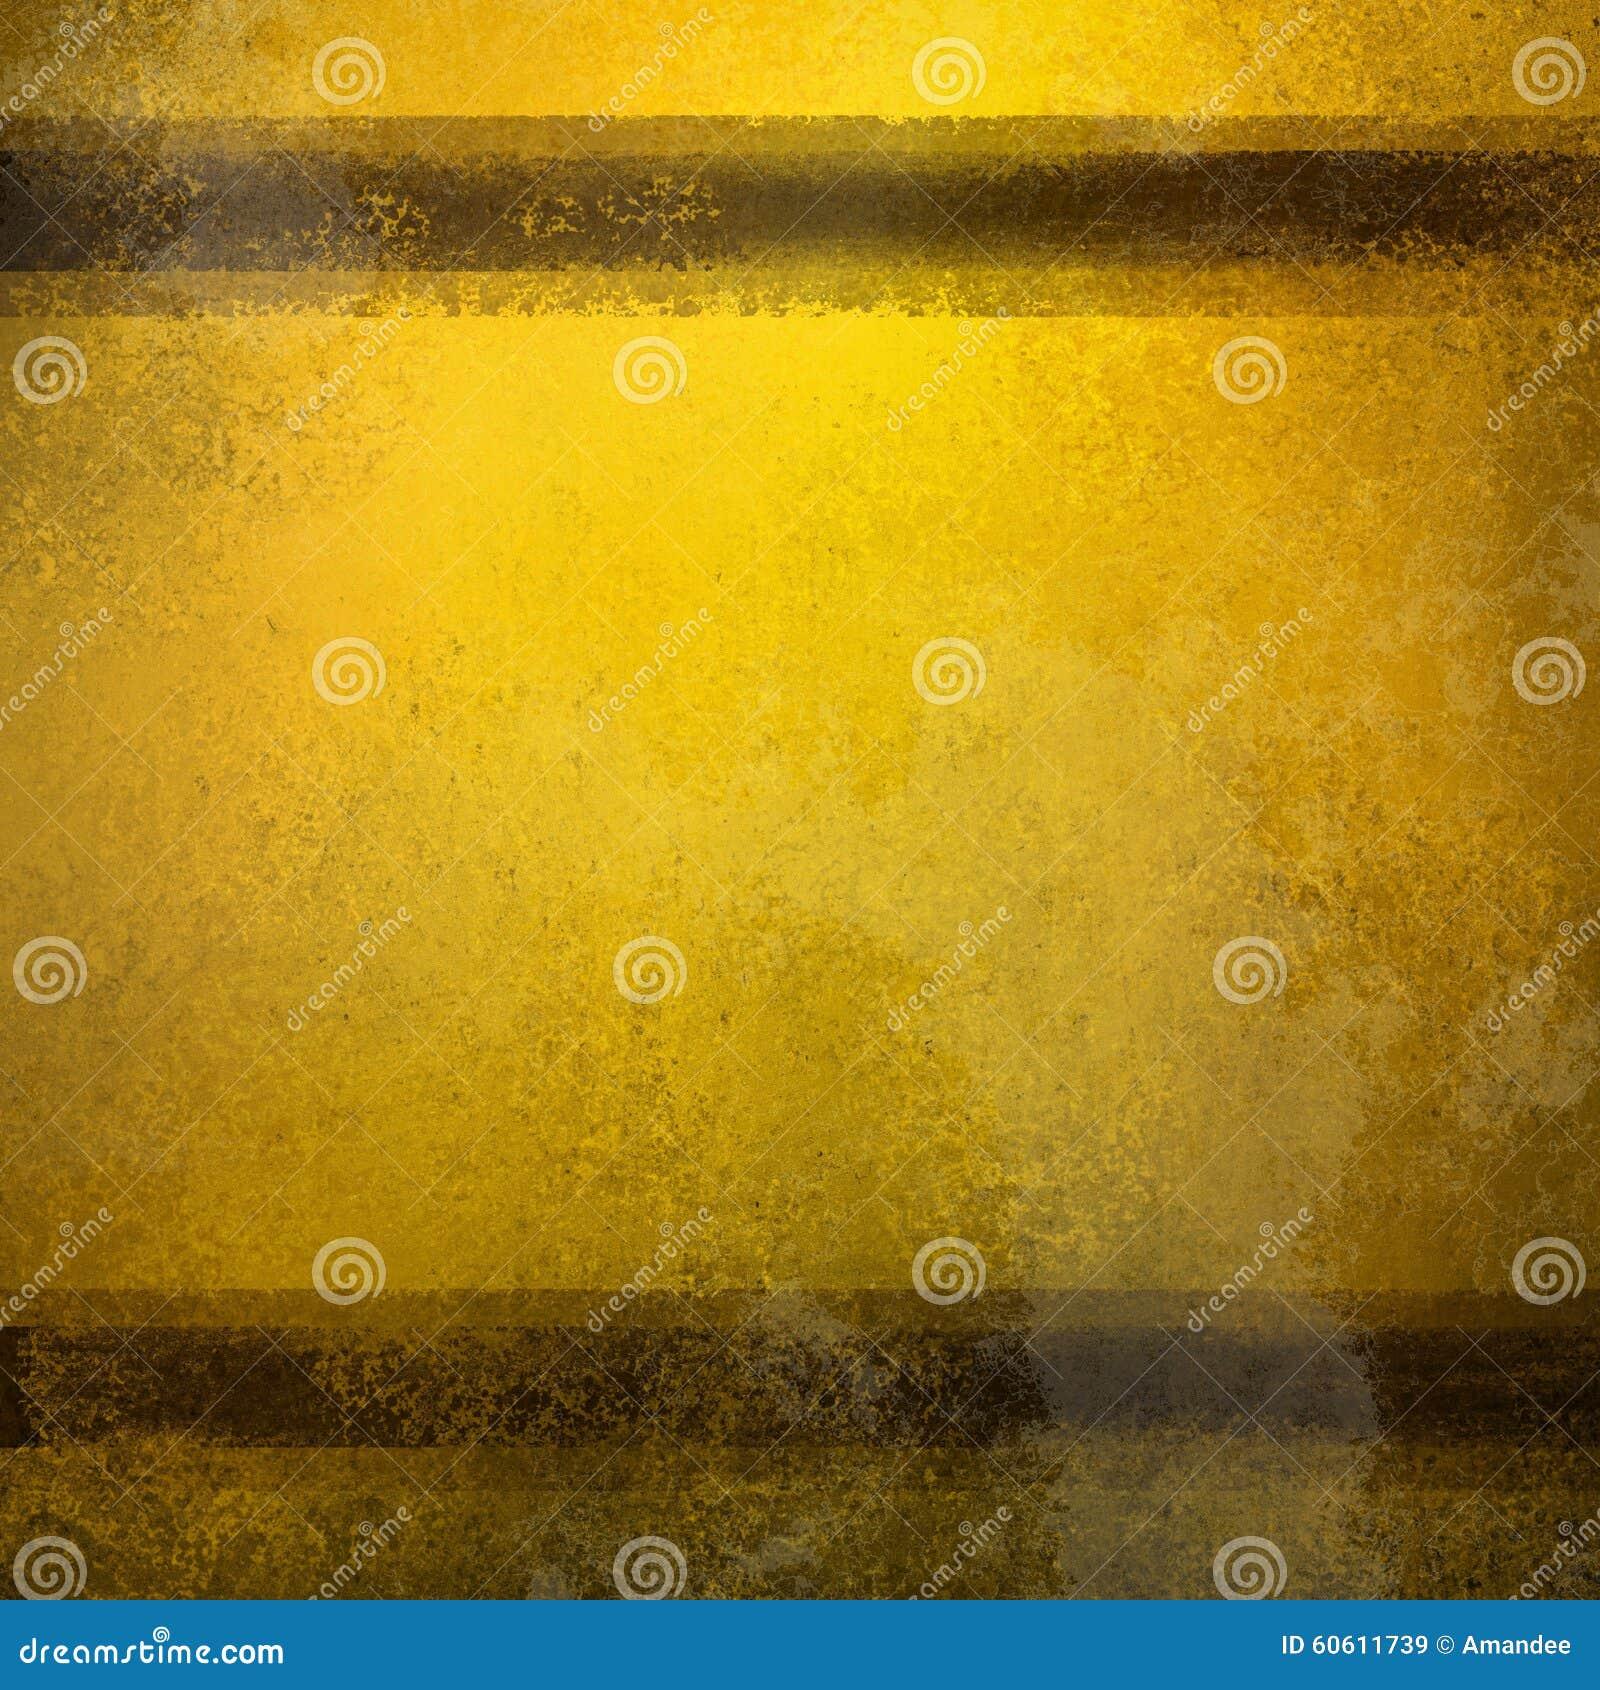 葡萄酒与棕色条纹的金背景和困厄的老退色的纹理和污点